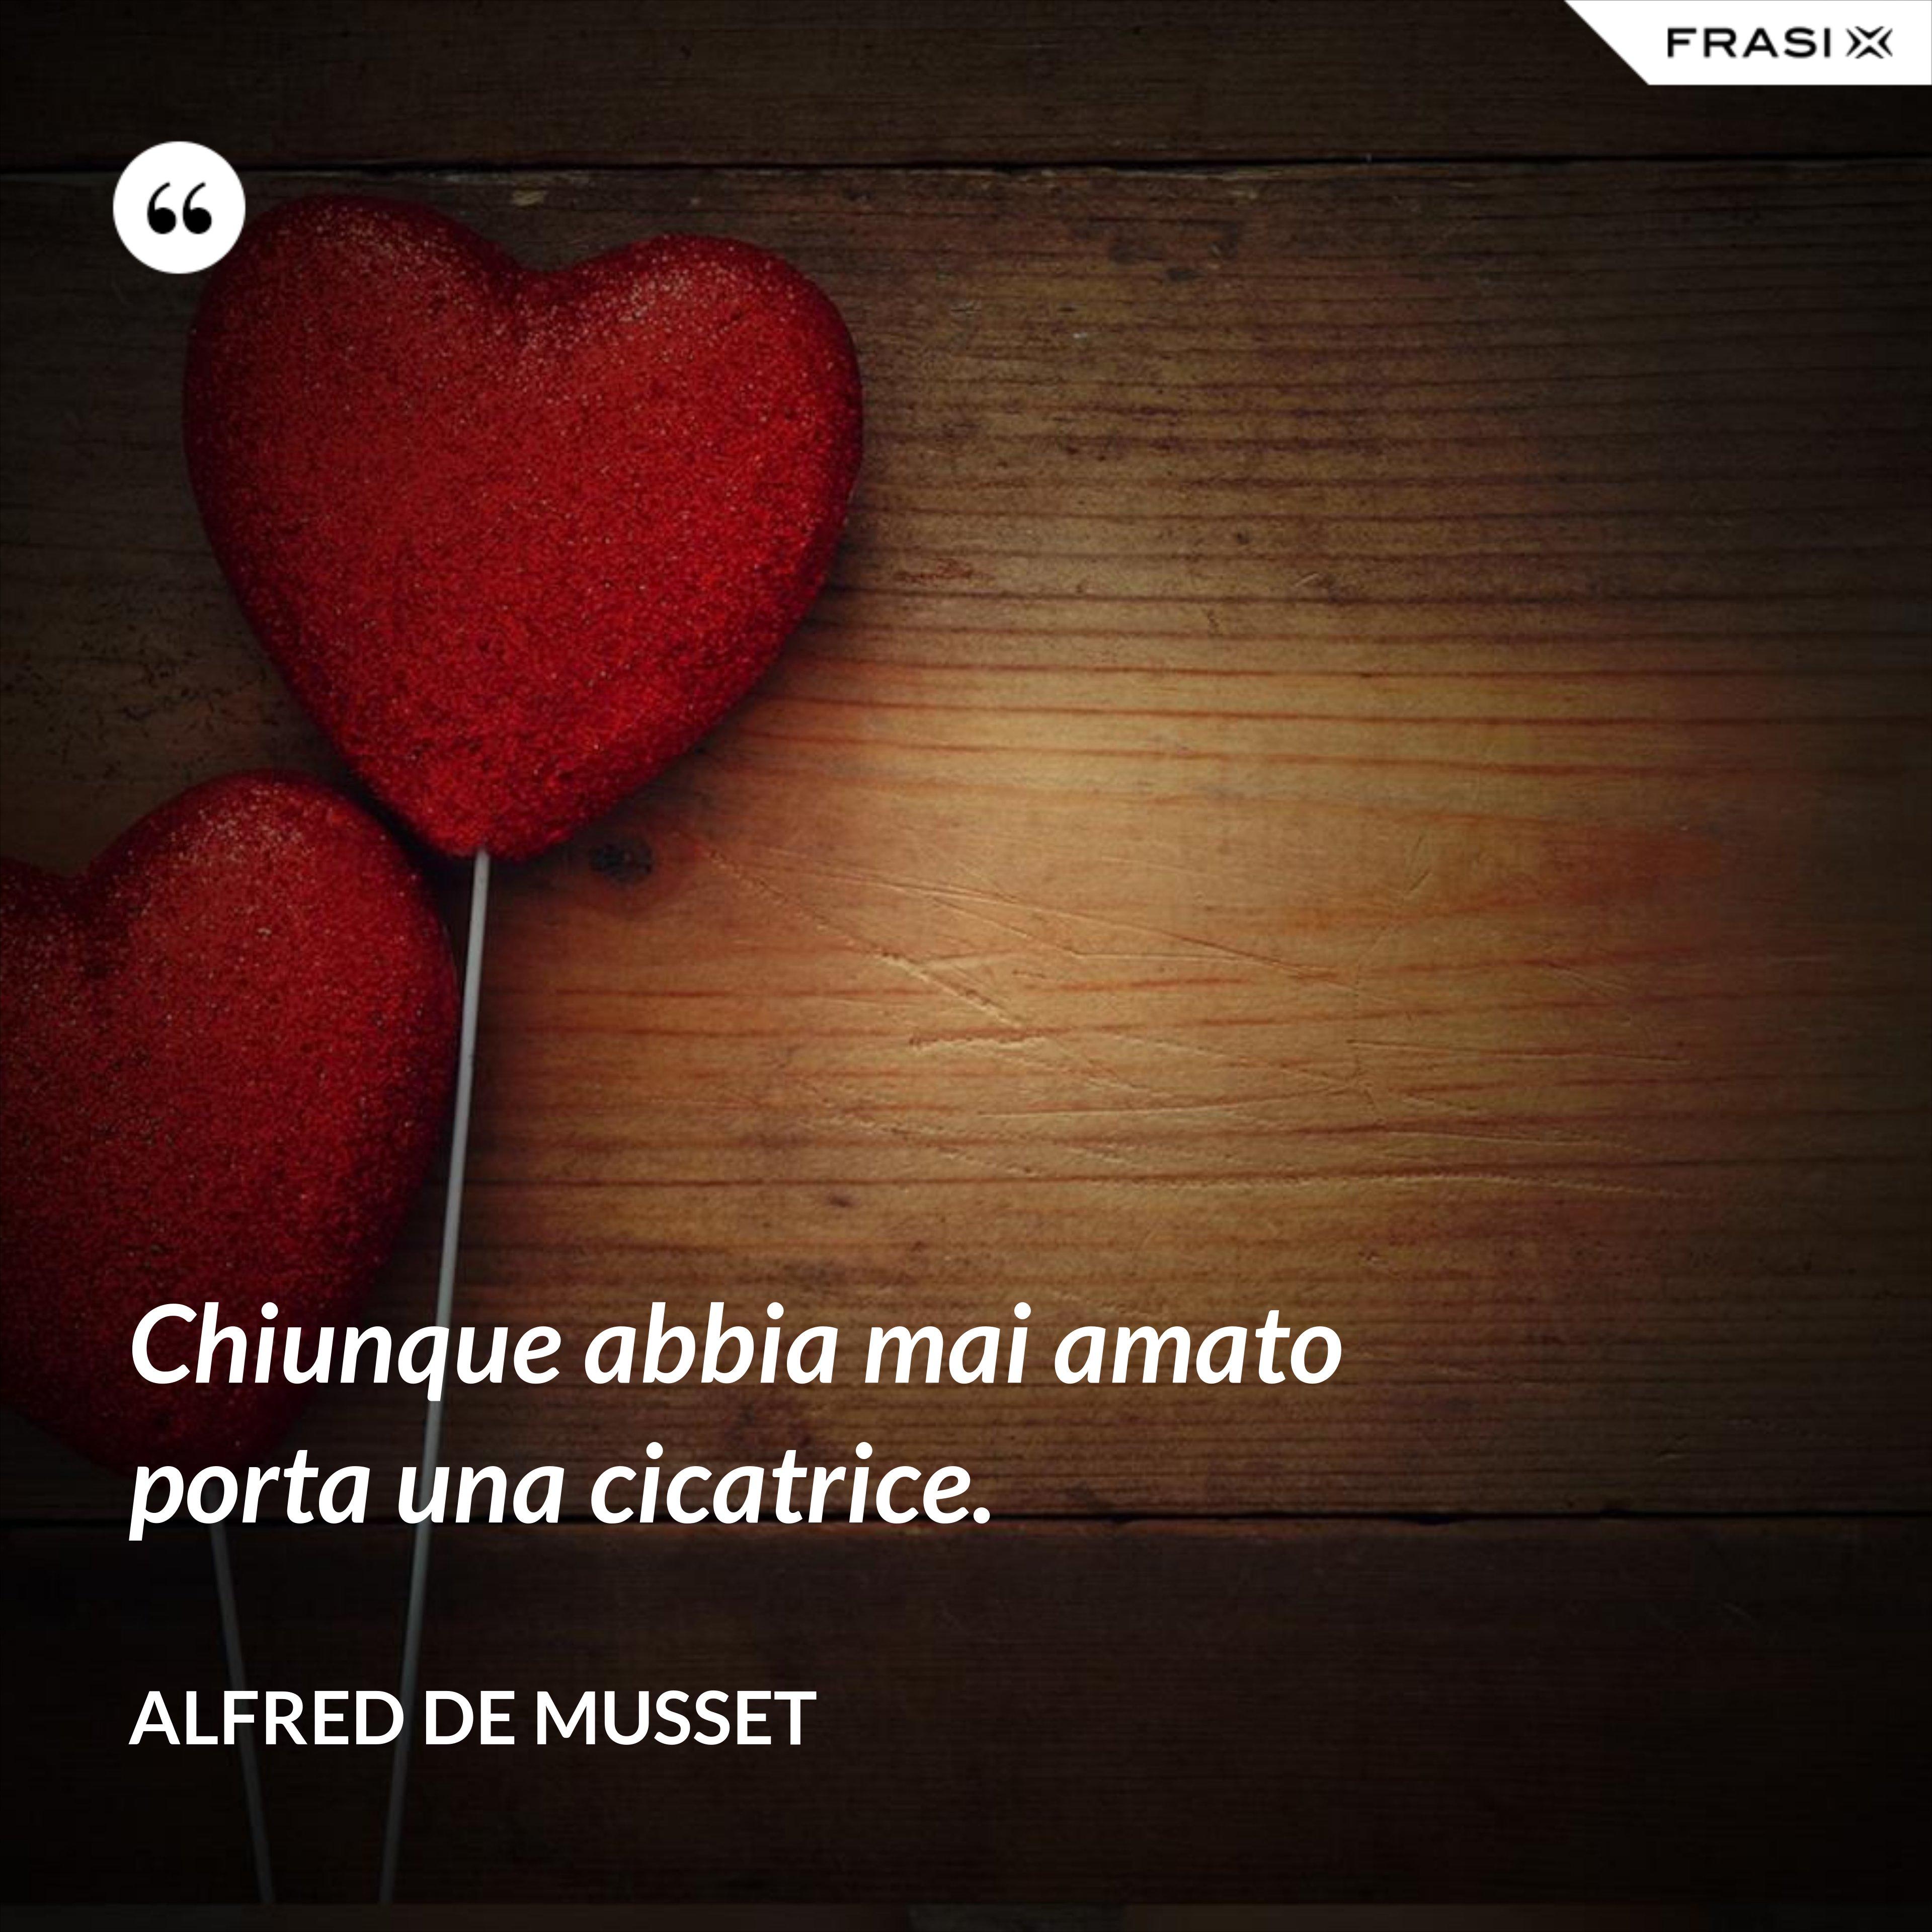 Chiunque abbia mai amato porta una cicatrice. - Alfred De Musset